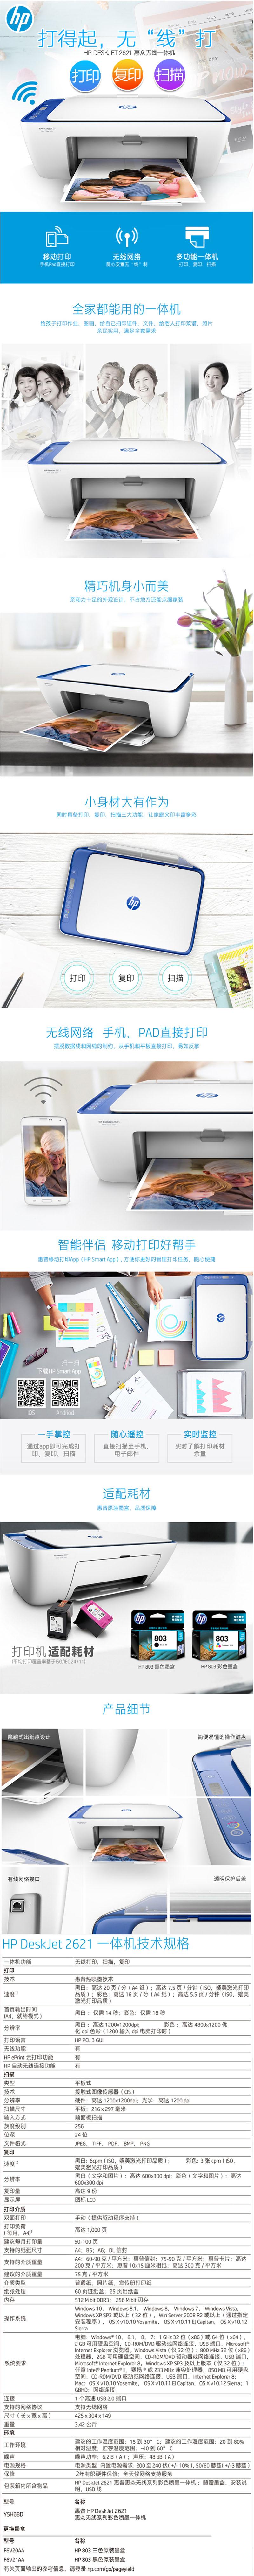 惠普(HP) 2621彩色喷墨无线打印机一体机 (打印、扫描,复印)家用照片wifi打印机